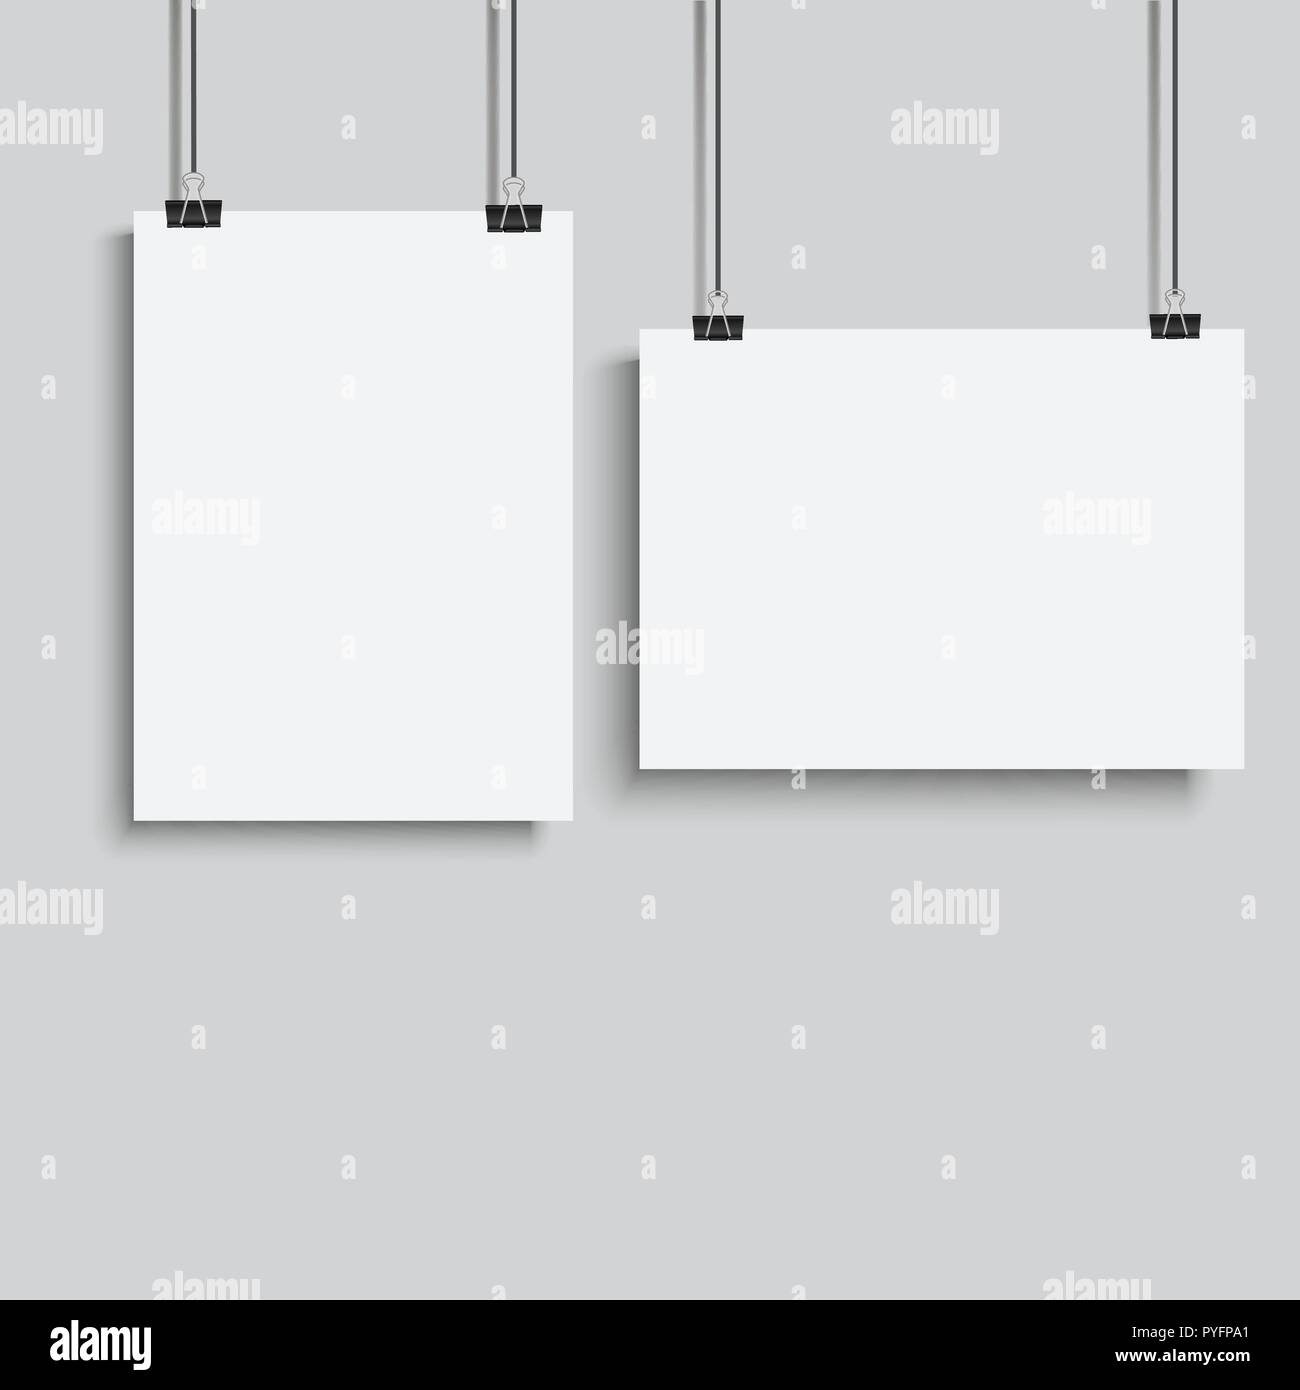 Póster en blanco colgando de binder. Ilustración vectorial. Imagen De Stock